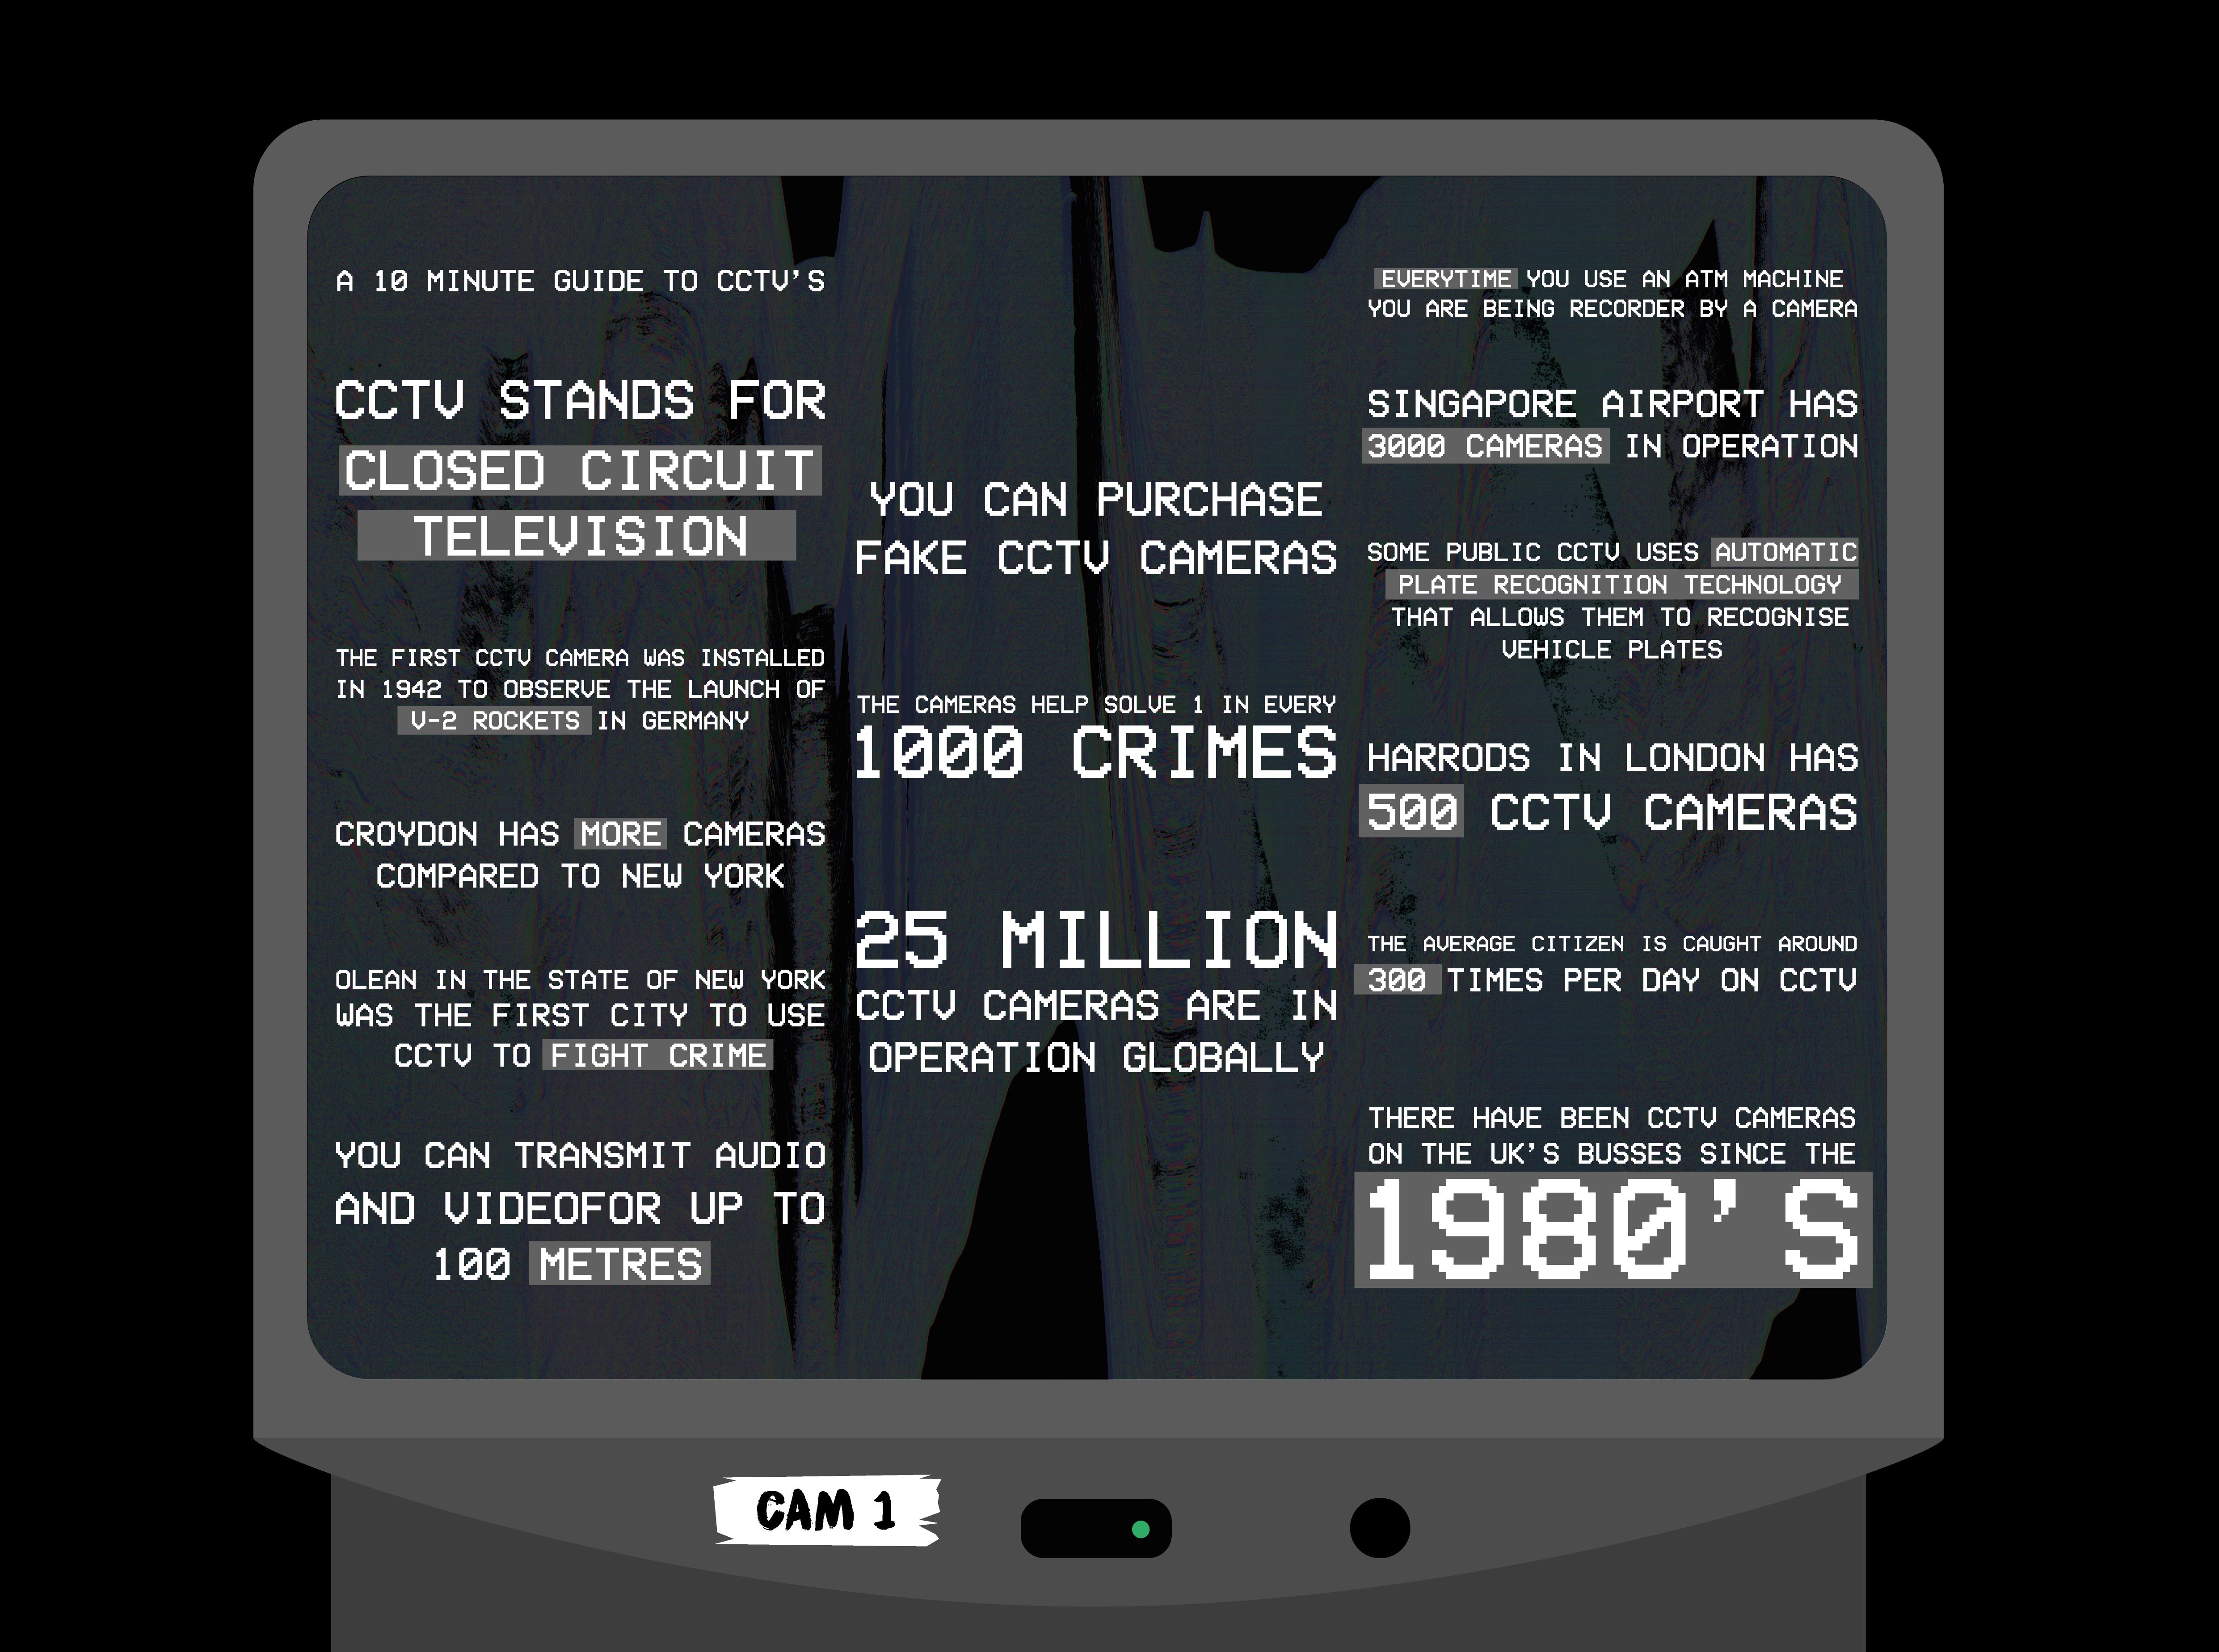 NEW CCTV INFOGRAPHIC